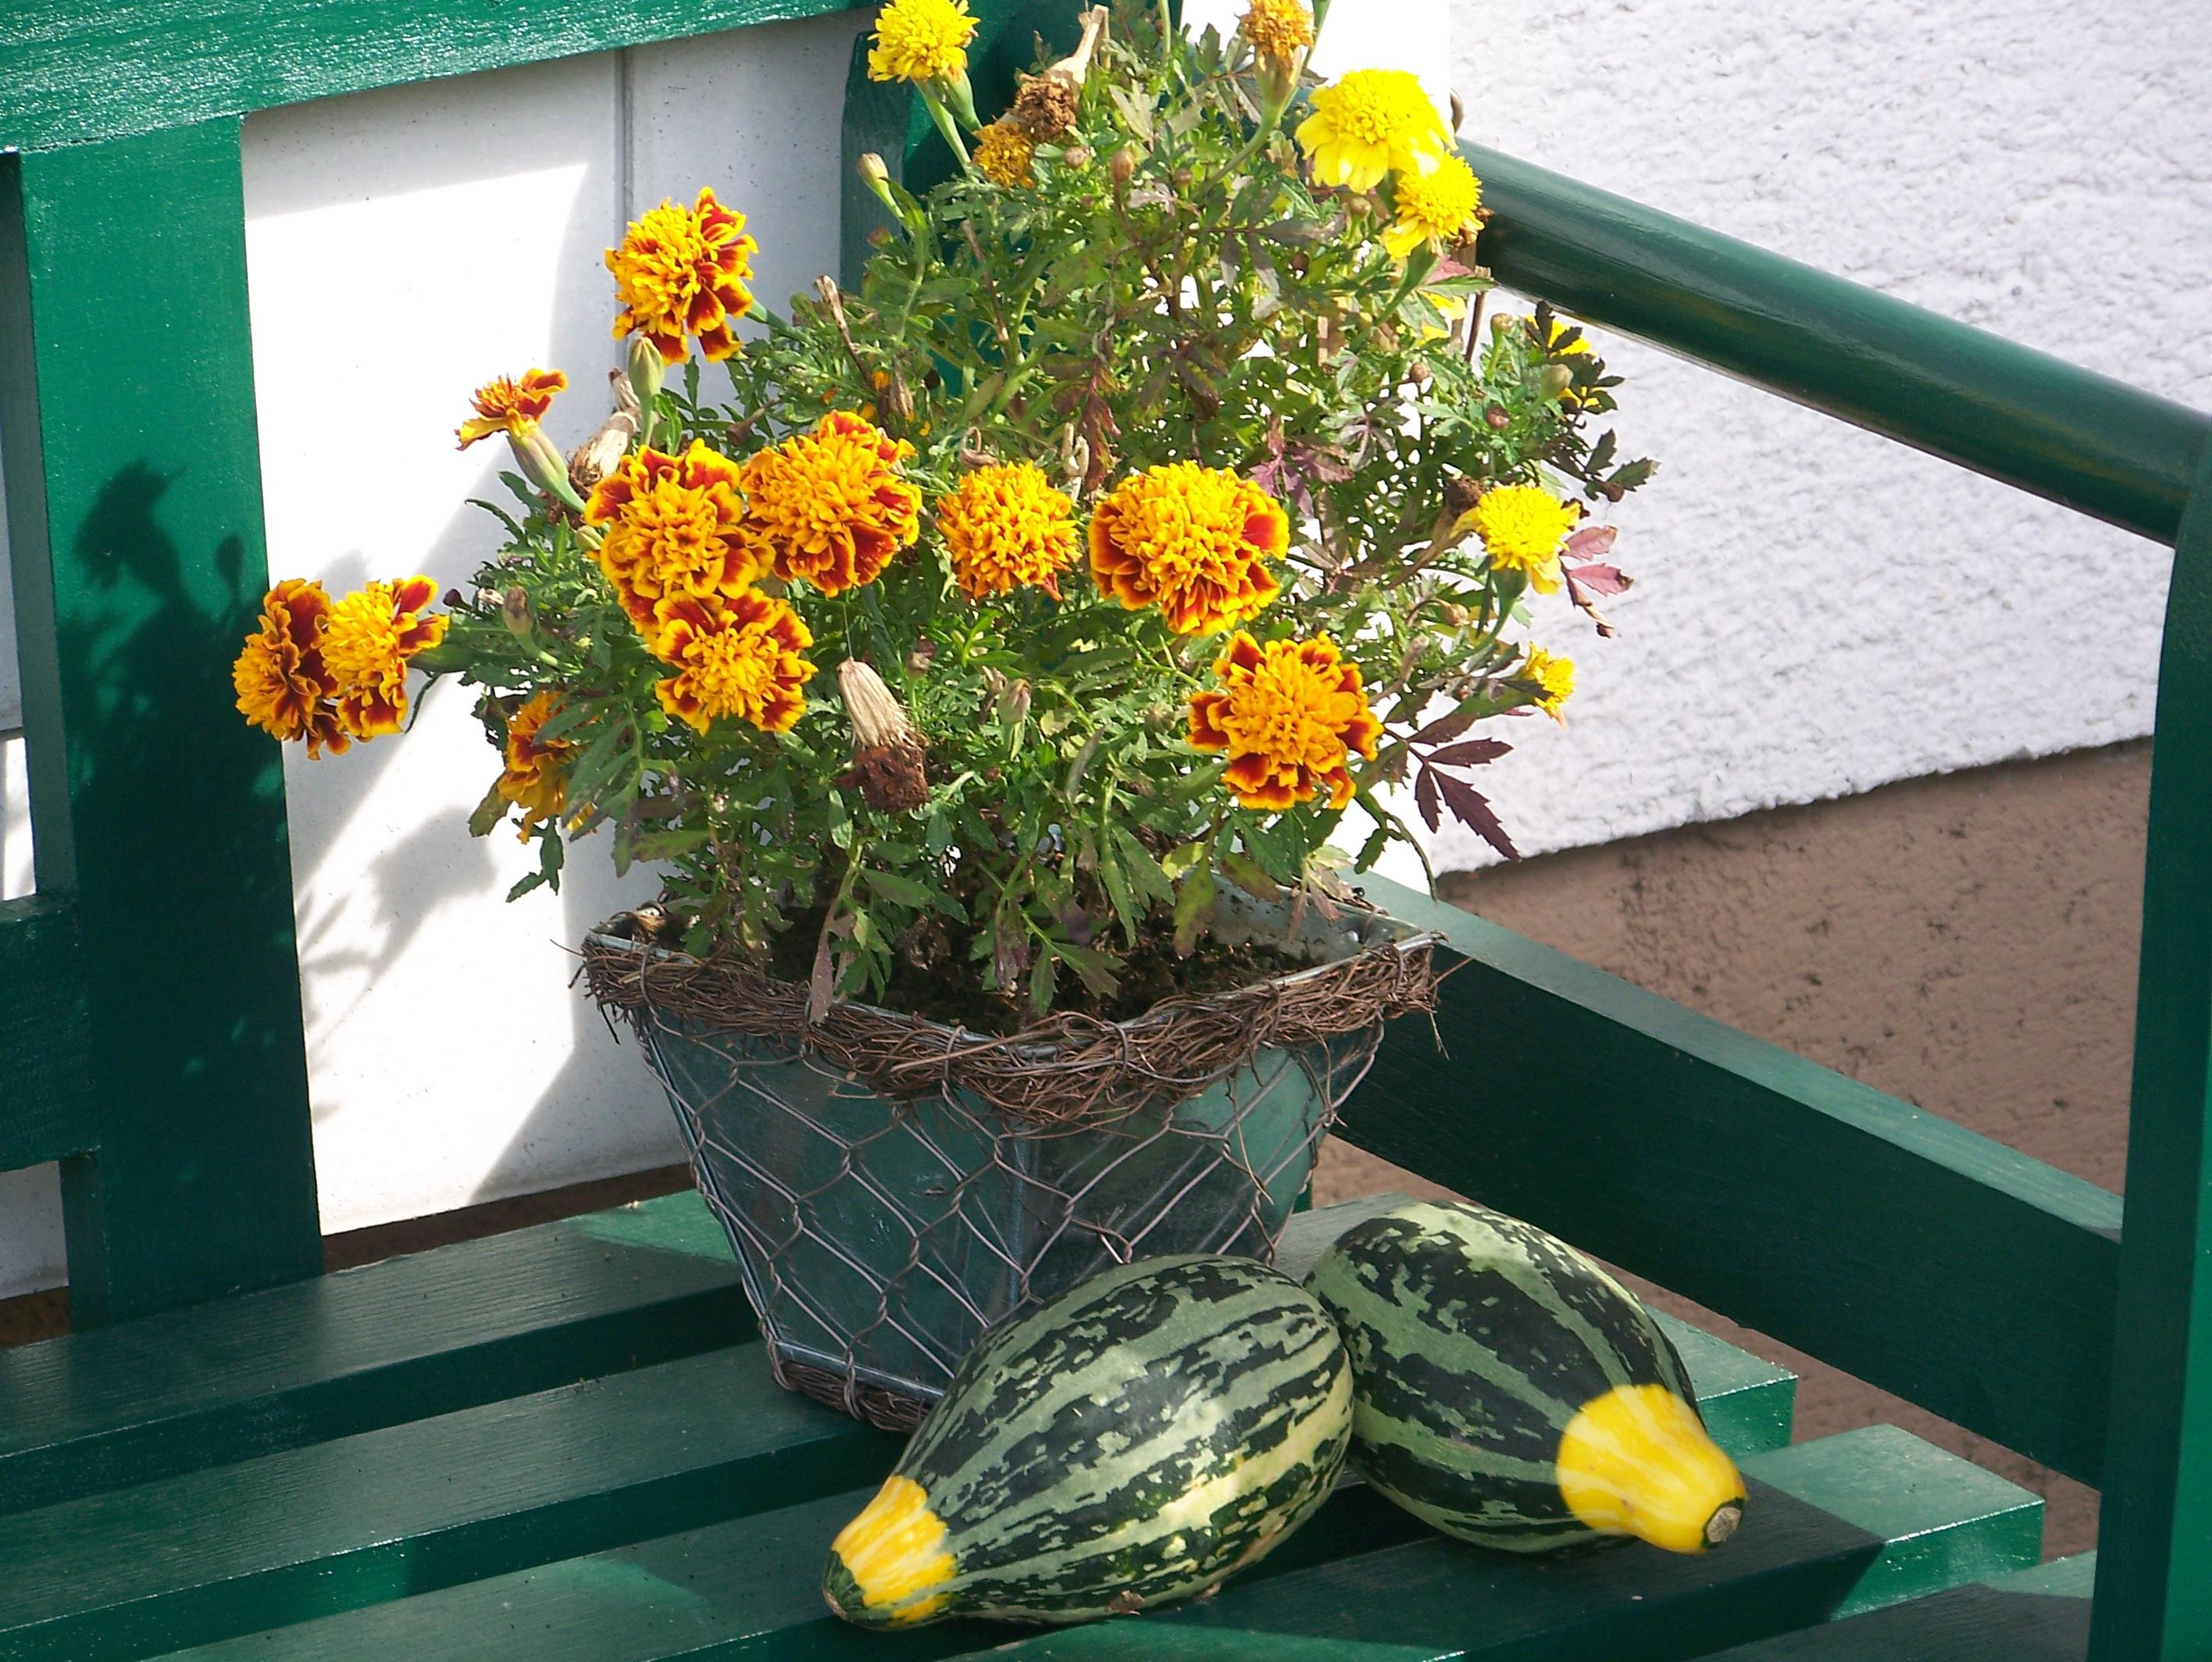 kostenlose foto pflanze blume gr n herbst botanik sich ausruhen gelb garten flora. Black Bedroom Furniture Sets. Home Design Ideas